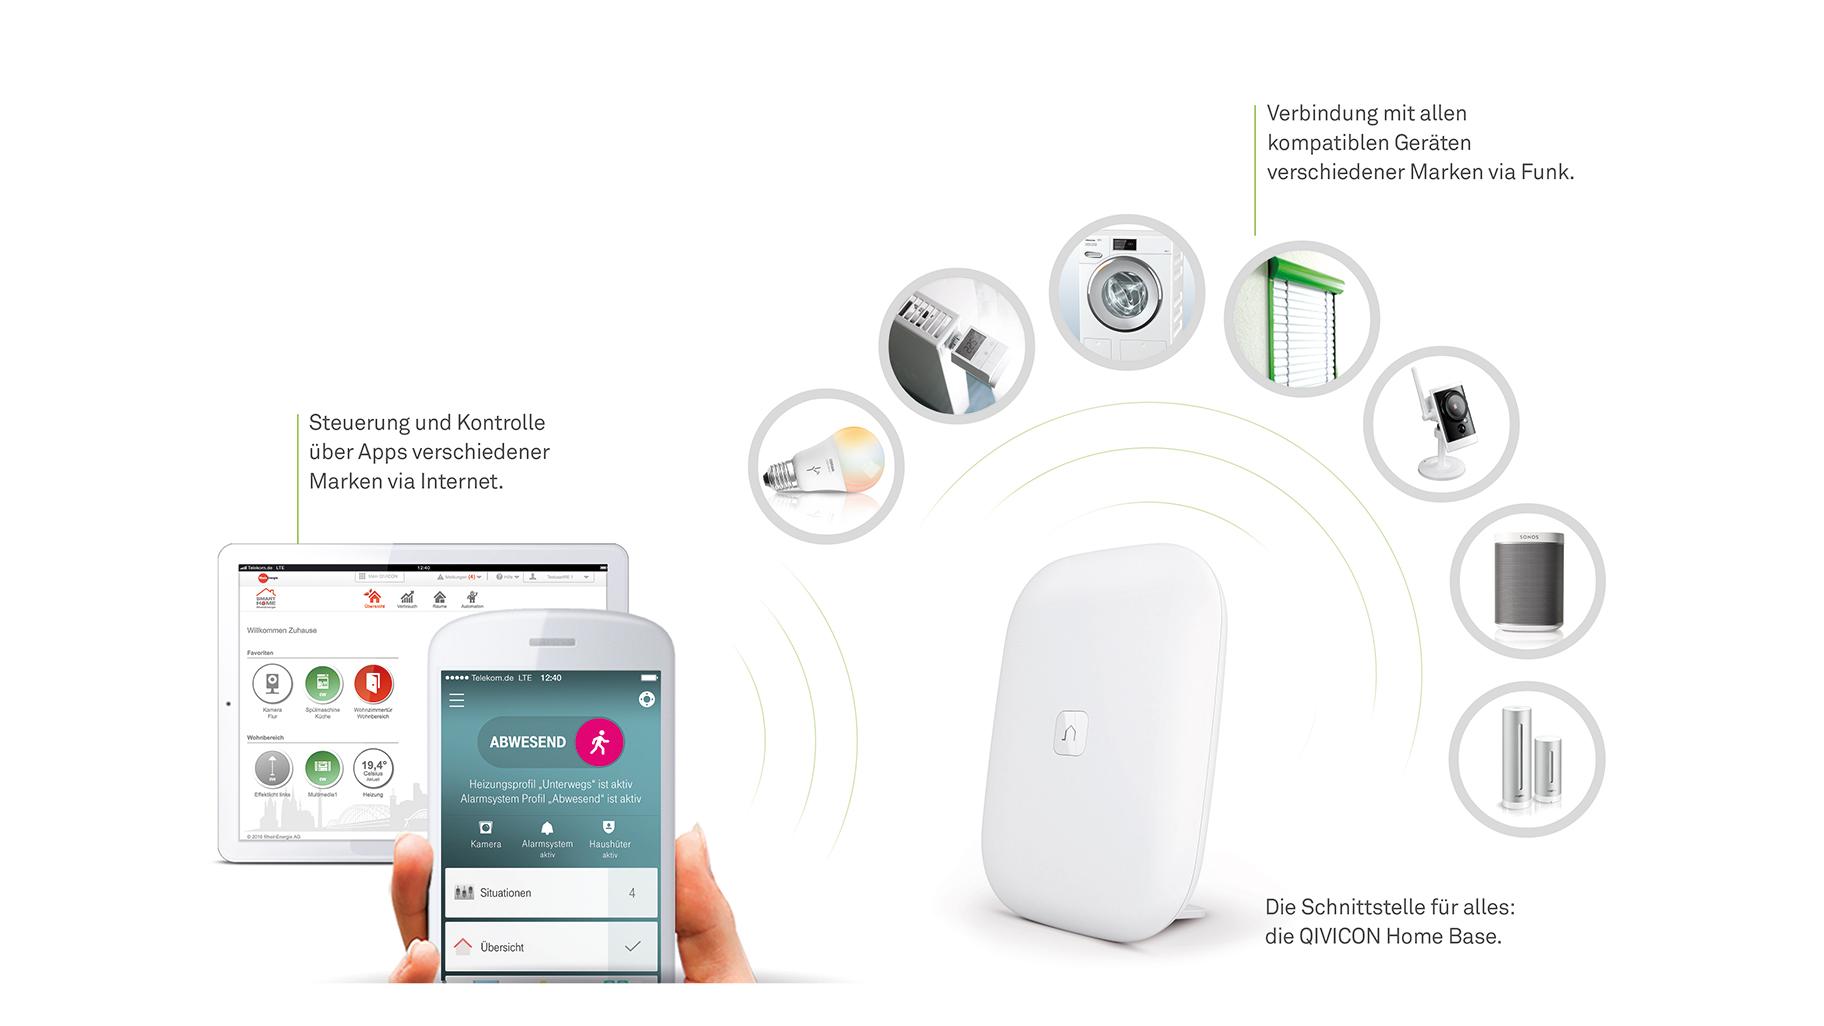 qivicon: das kann die smart-home-plattform der telekom